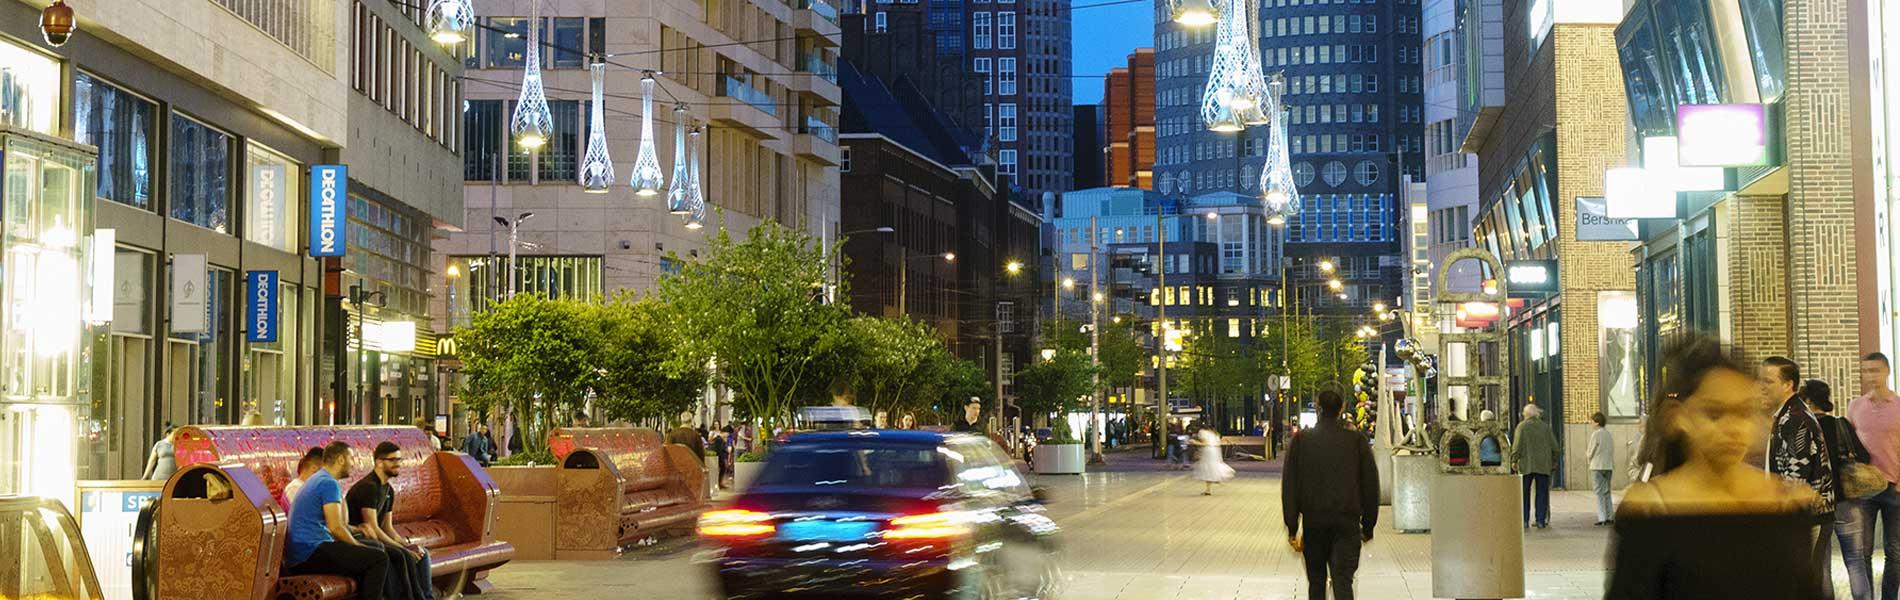 Amsterdamse Veerkade The Hague Den Haag